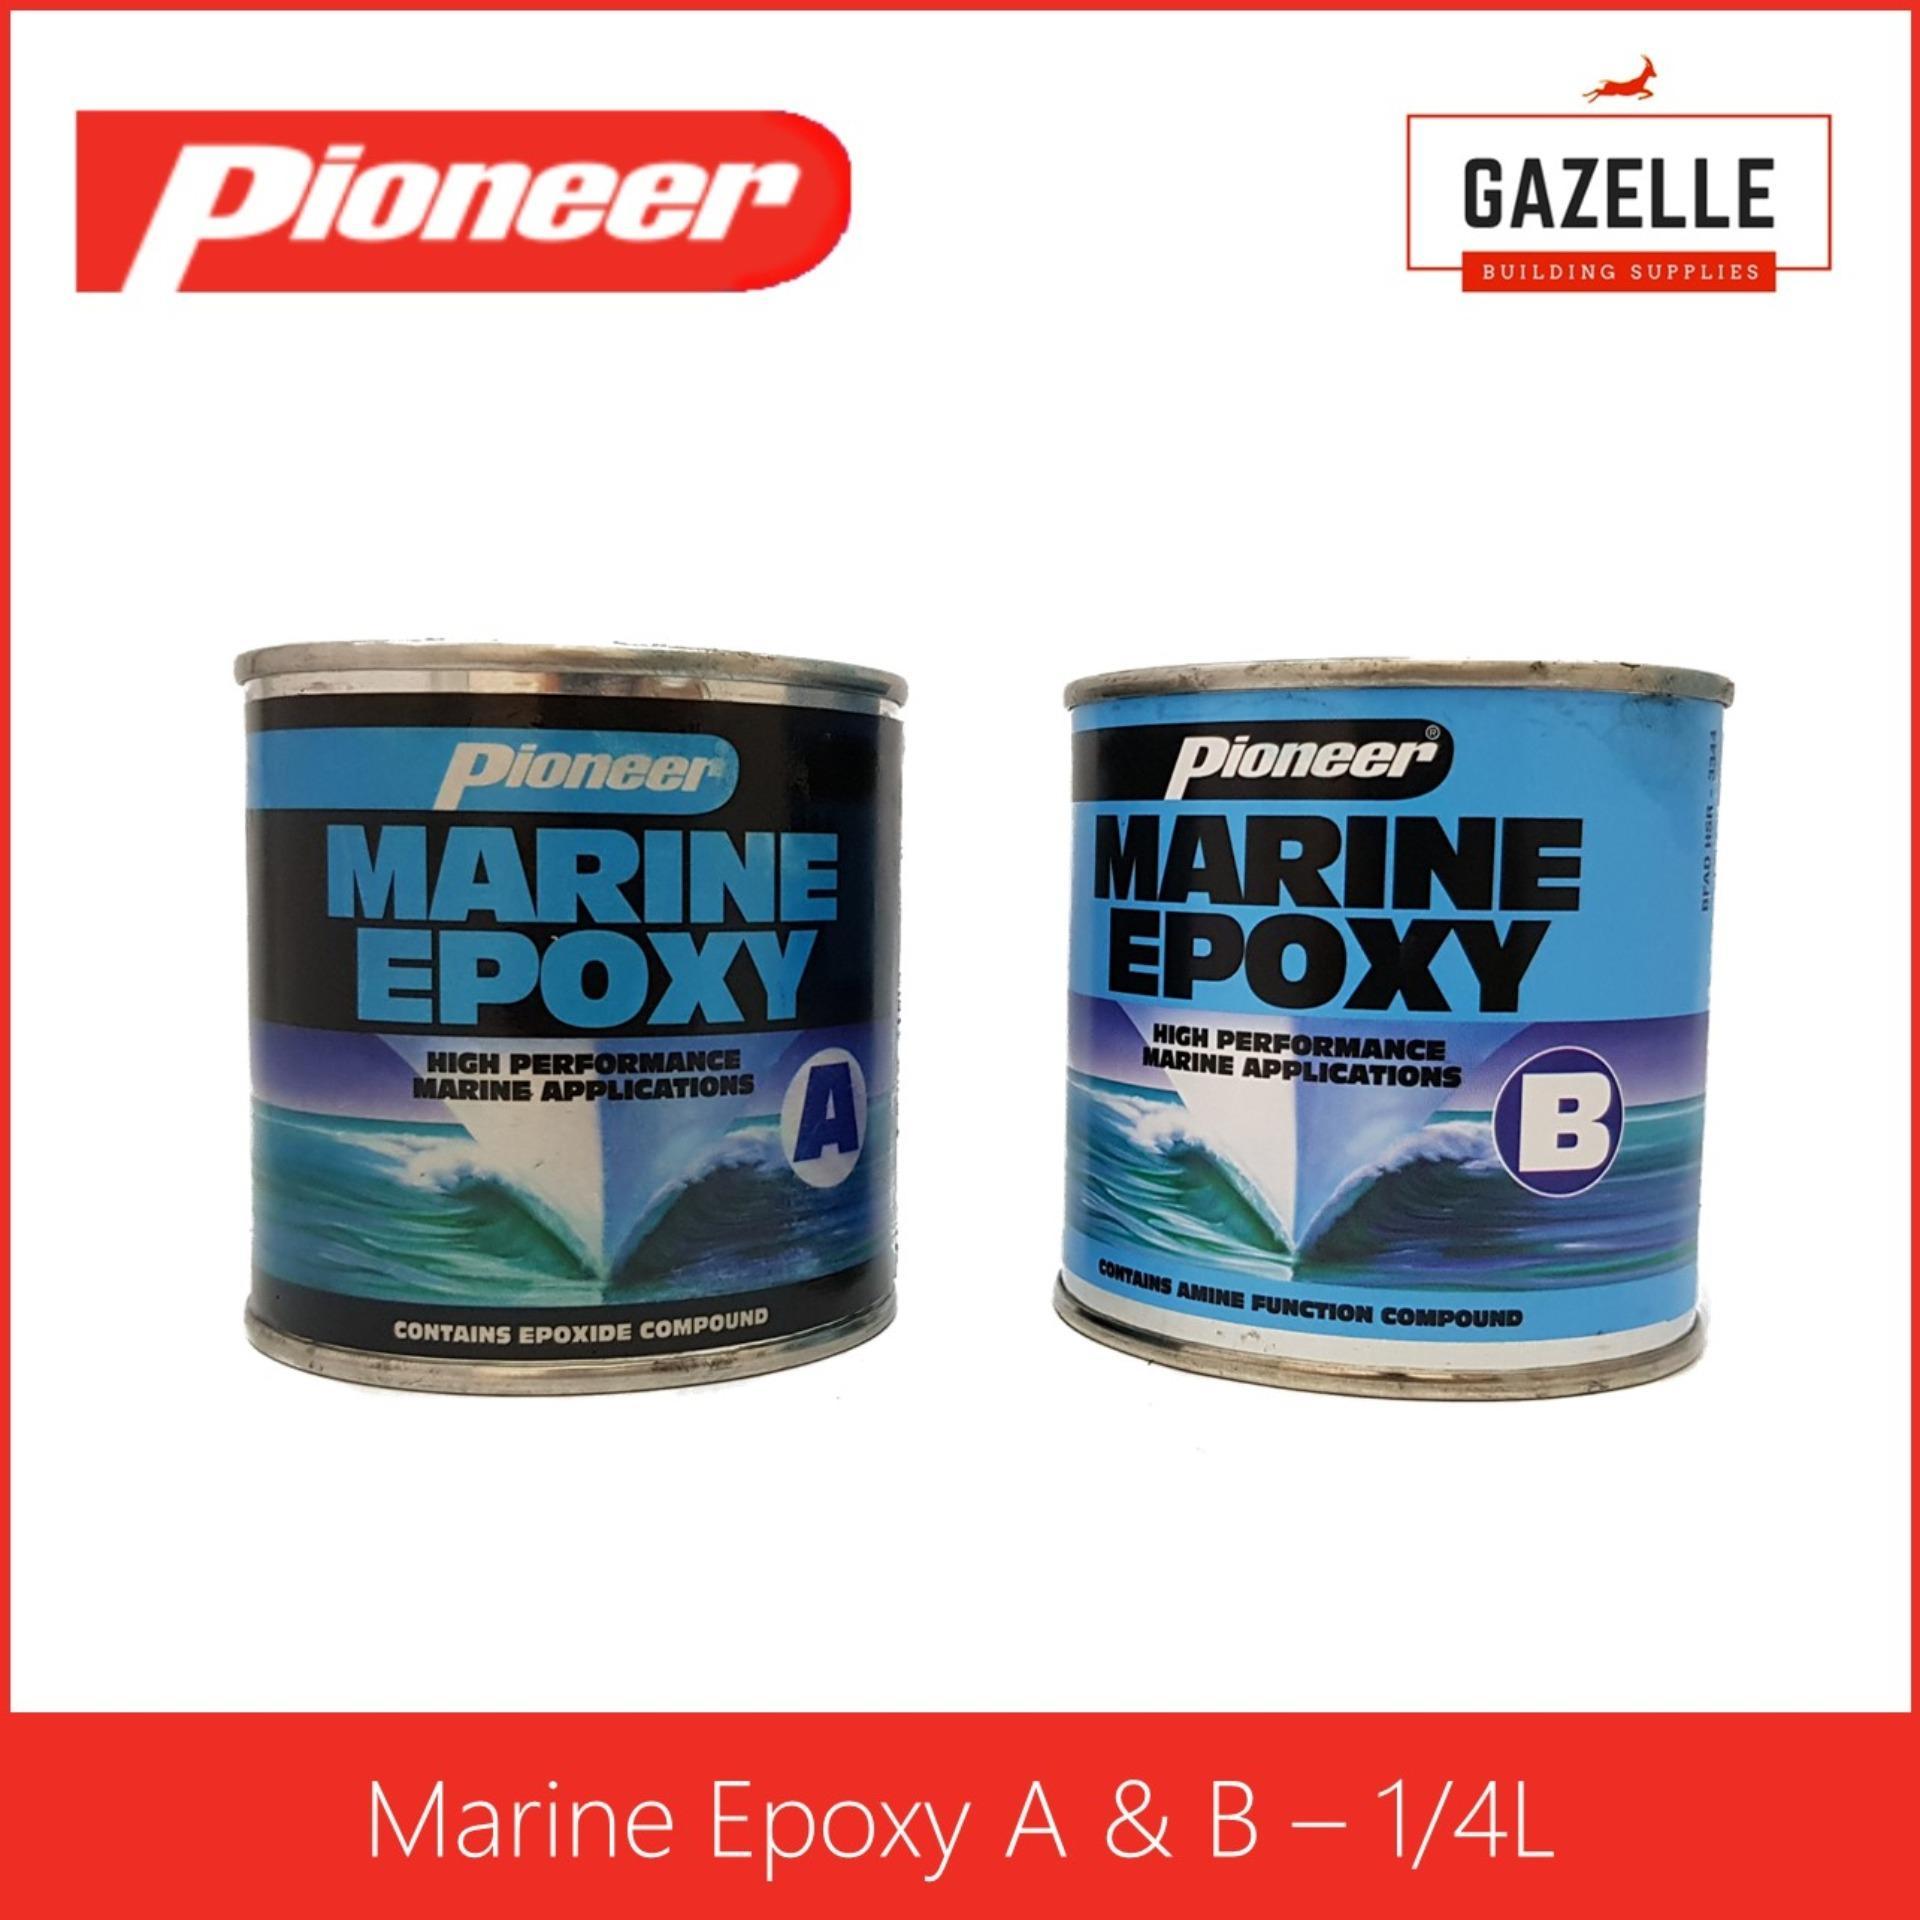 Pioneer Marine Epoxy Set - 1/4L